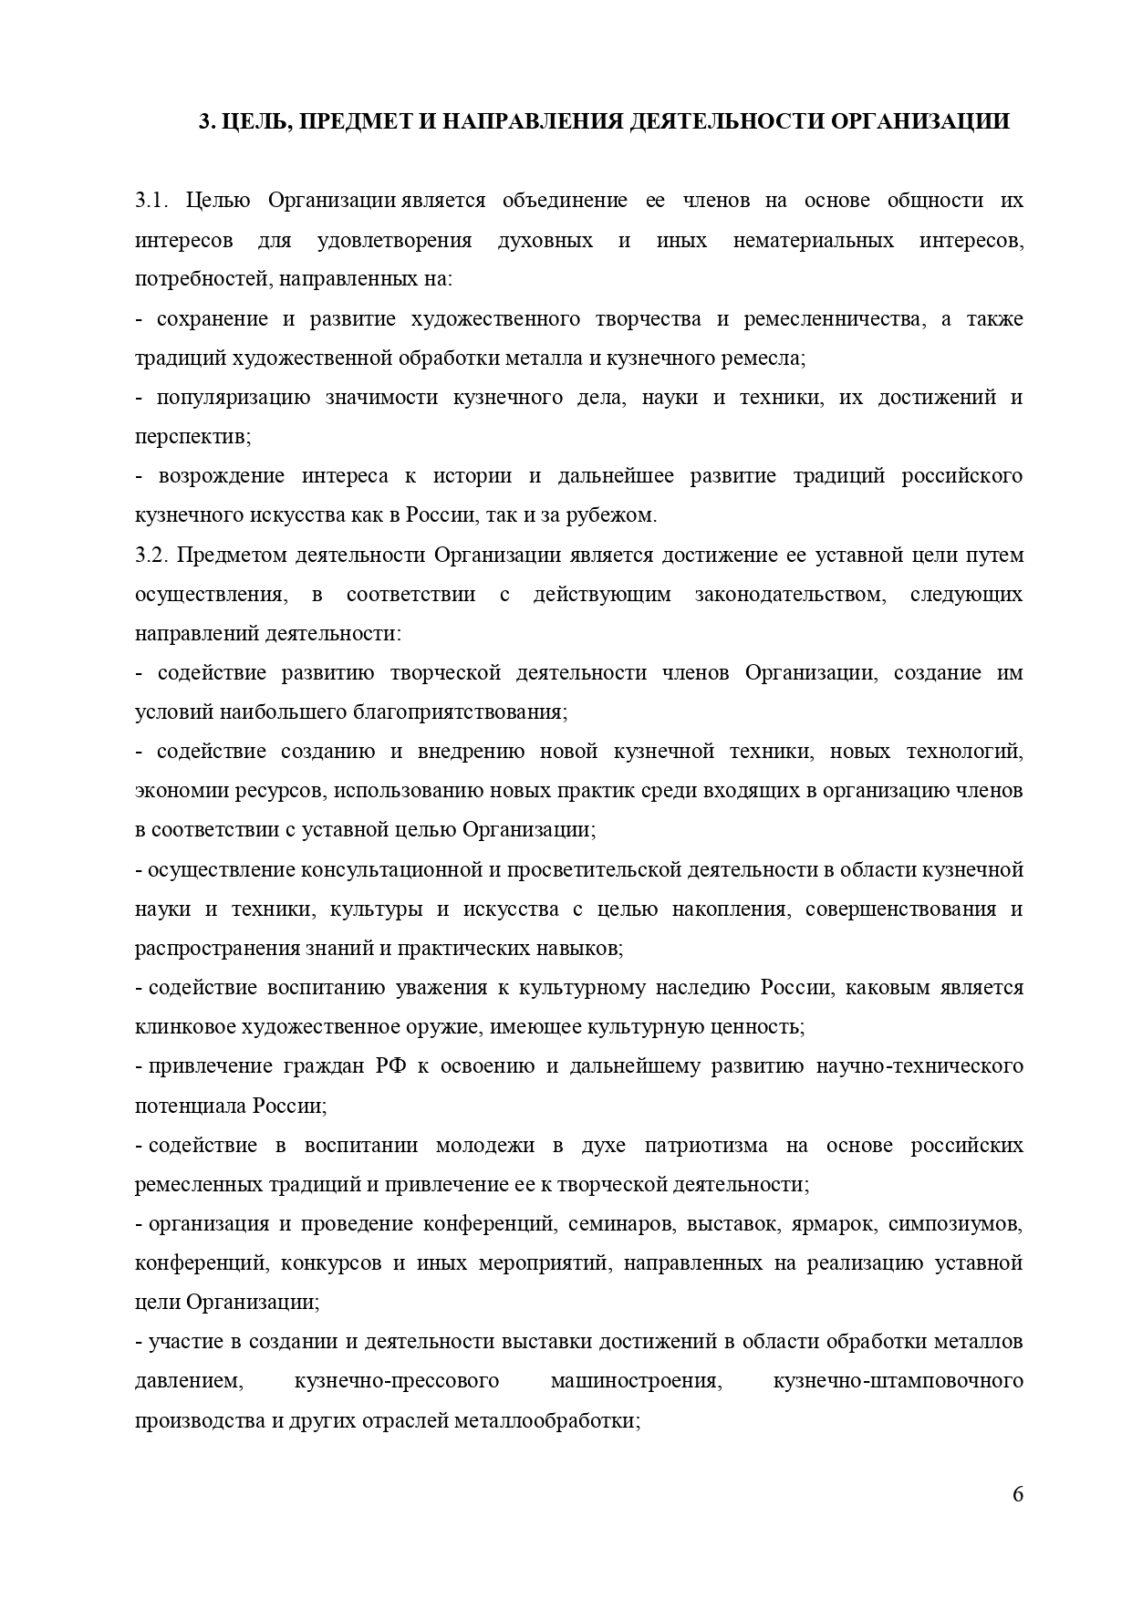 ustav_GKR_page-0006